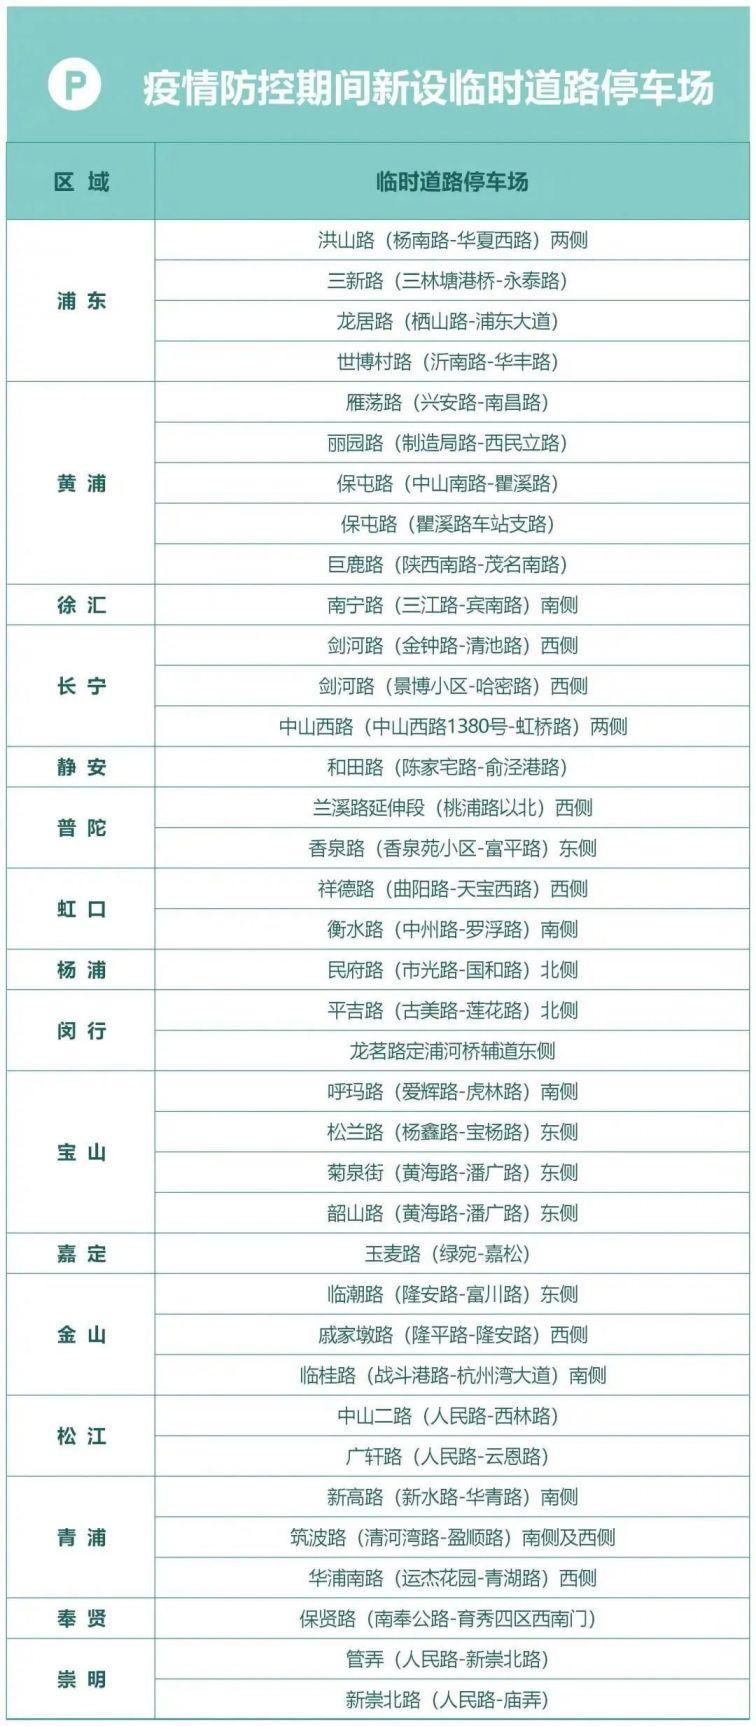 上海(hai)再(zai)增(zeng)49處臨時道路(lu)停(ting)車(che)場(chang) 停(ting)車(che)泊位1472個